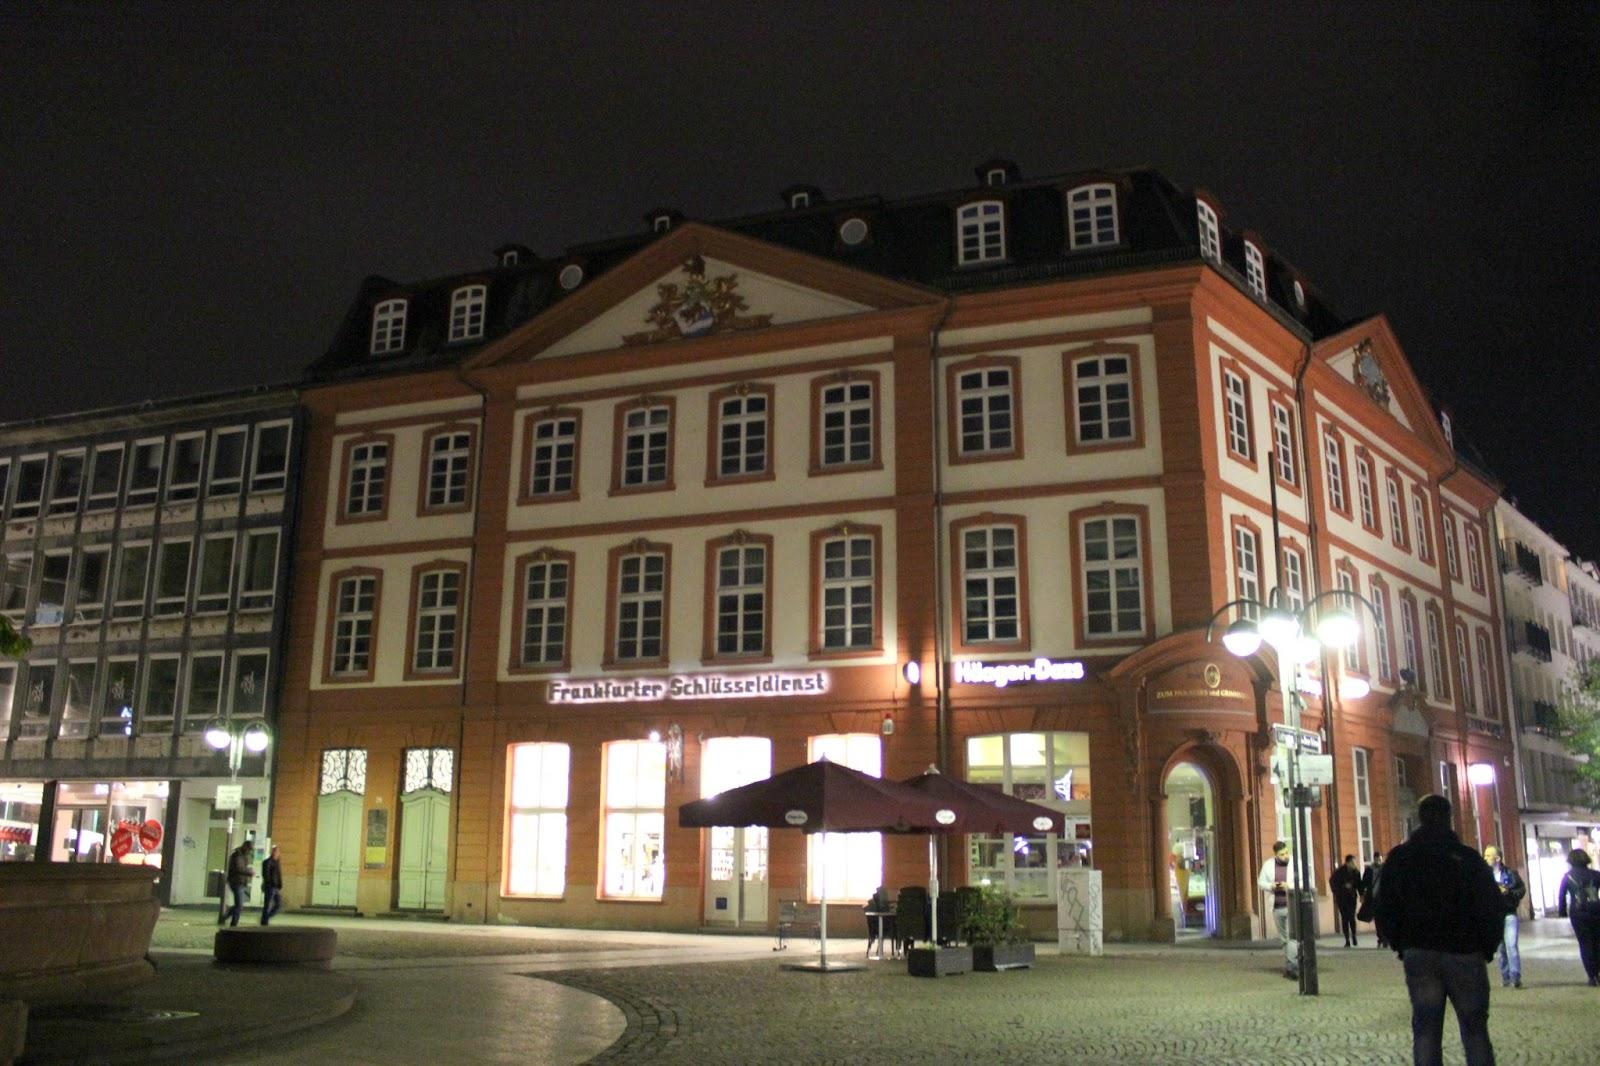 Ραντεβού καφέ Φραγκφούρτη